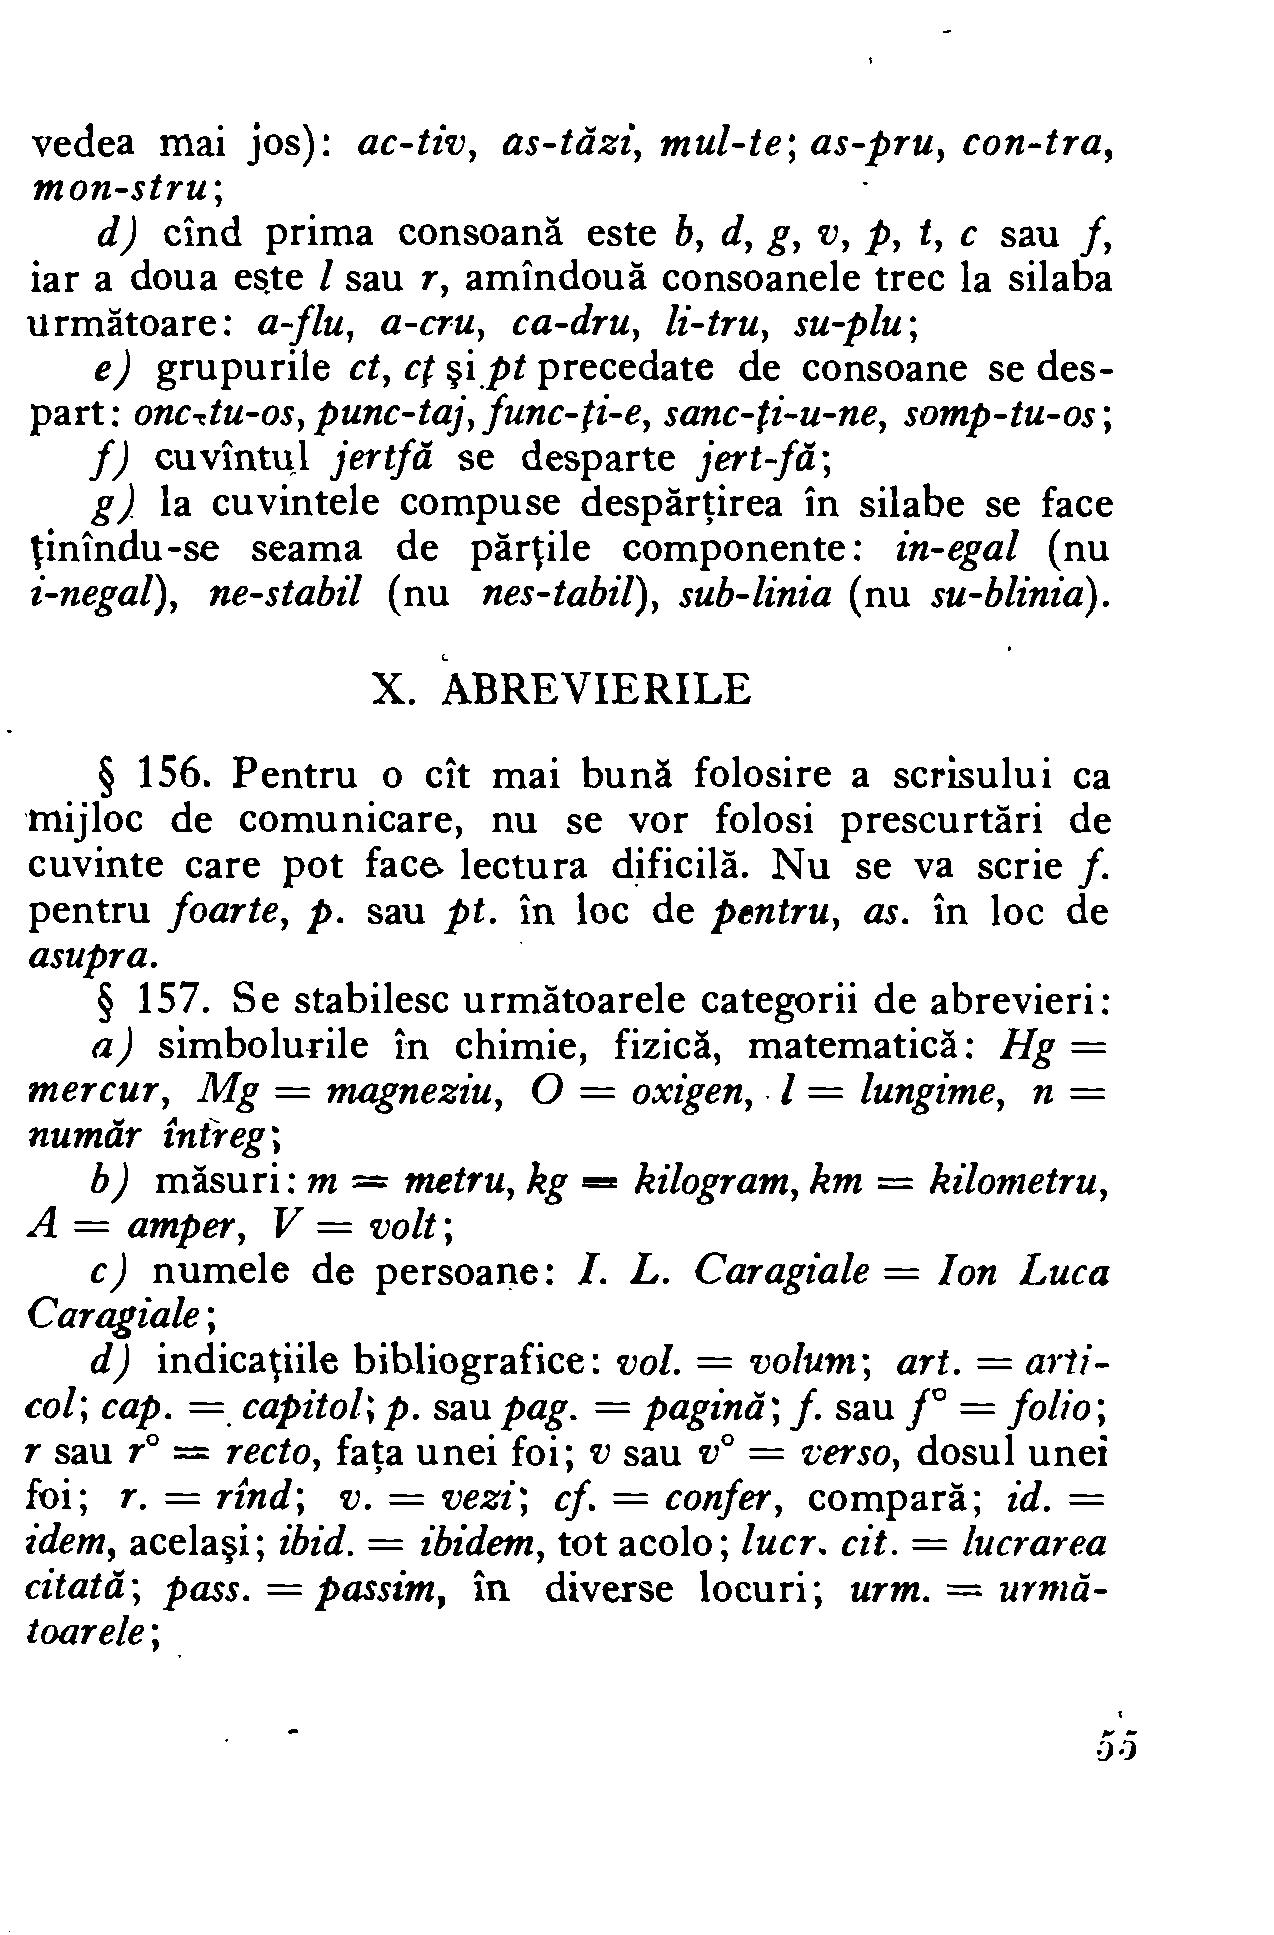 1954 - Mic dicționar ortografic (53).png